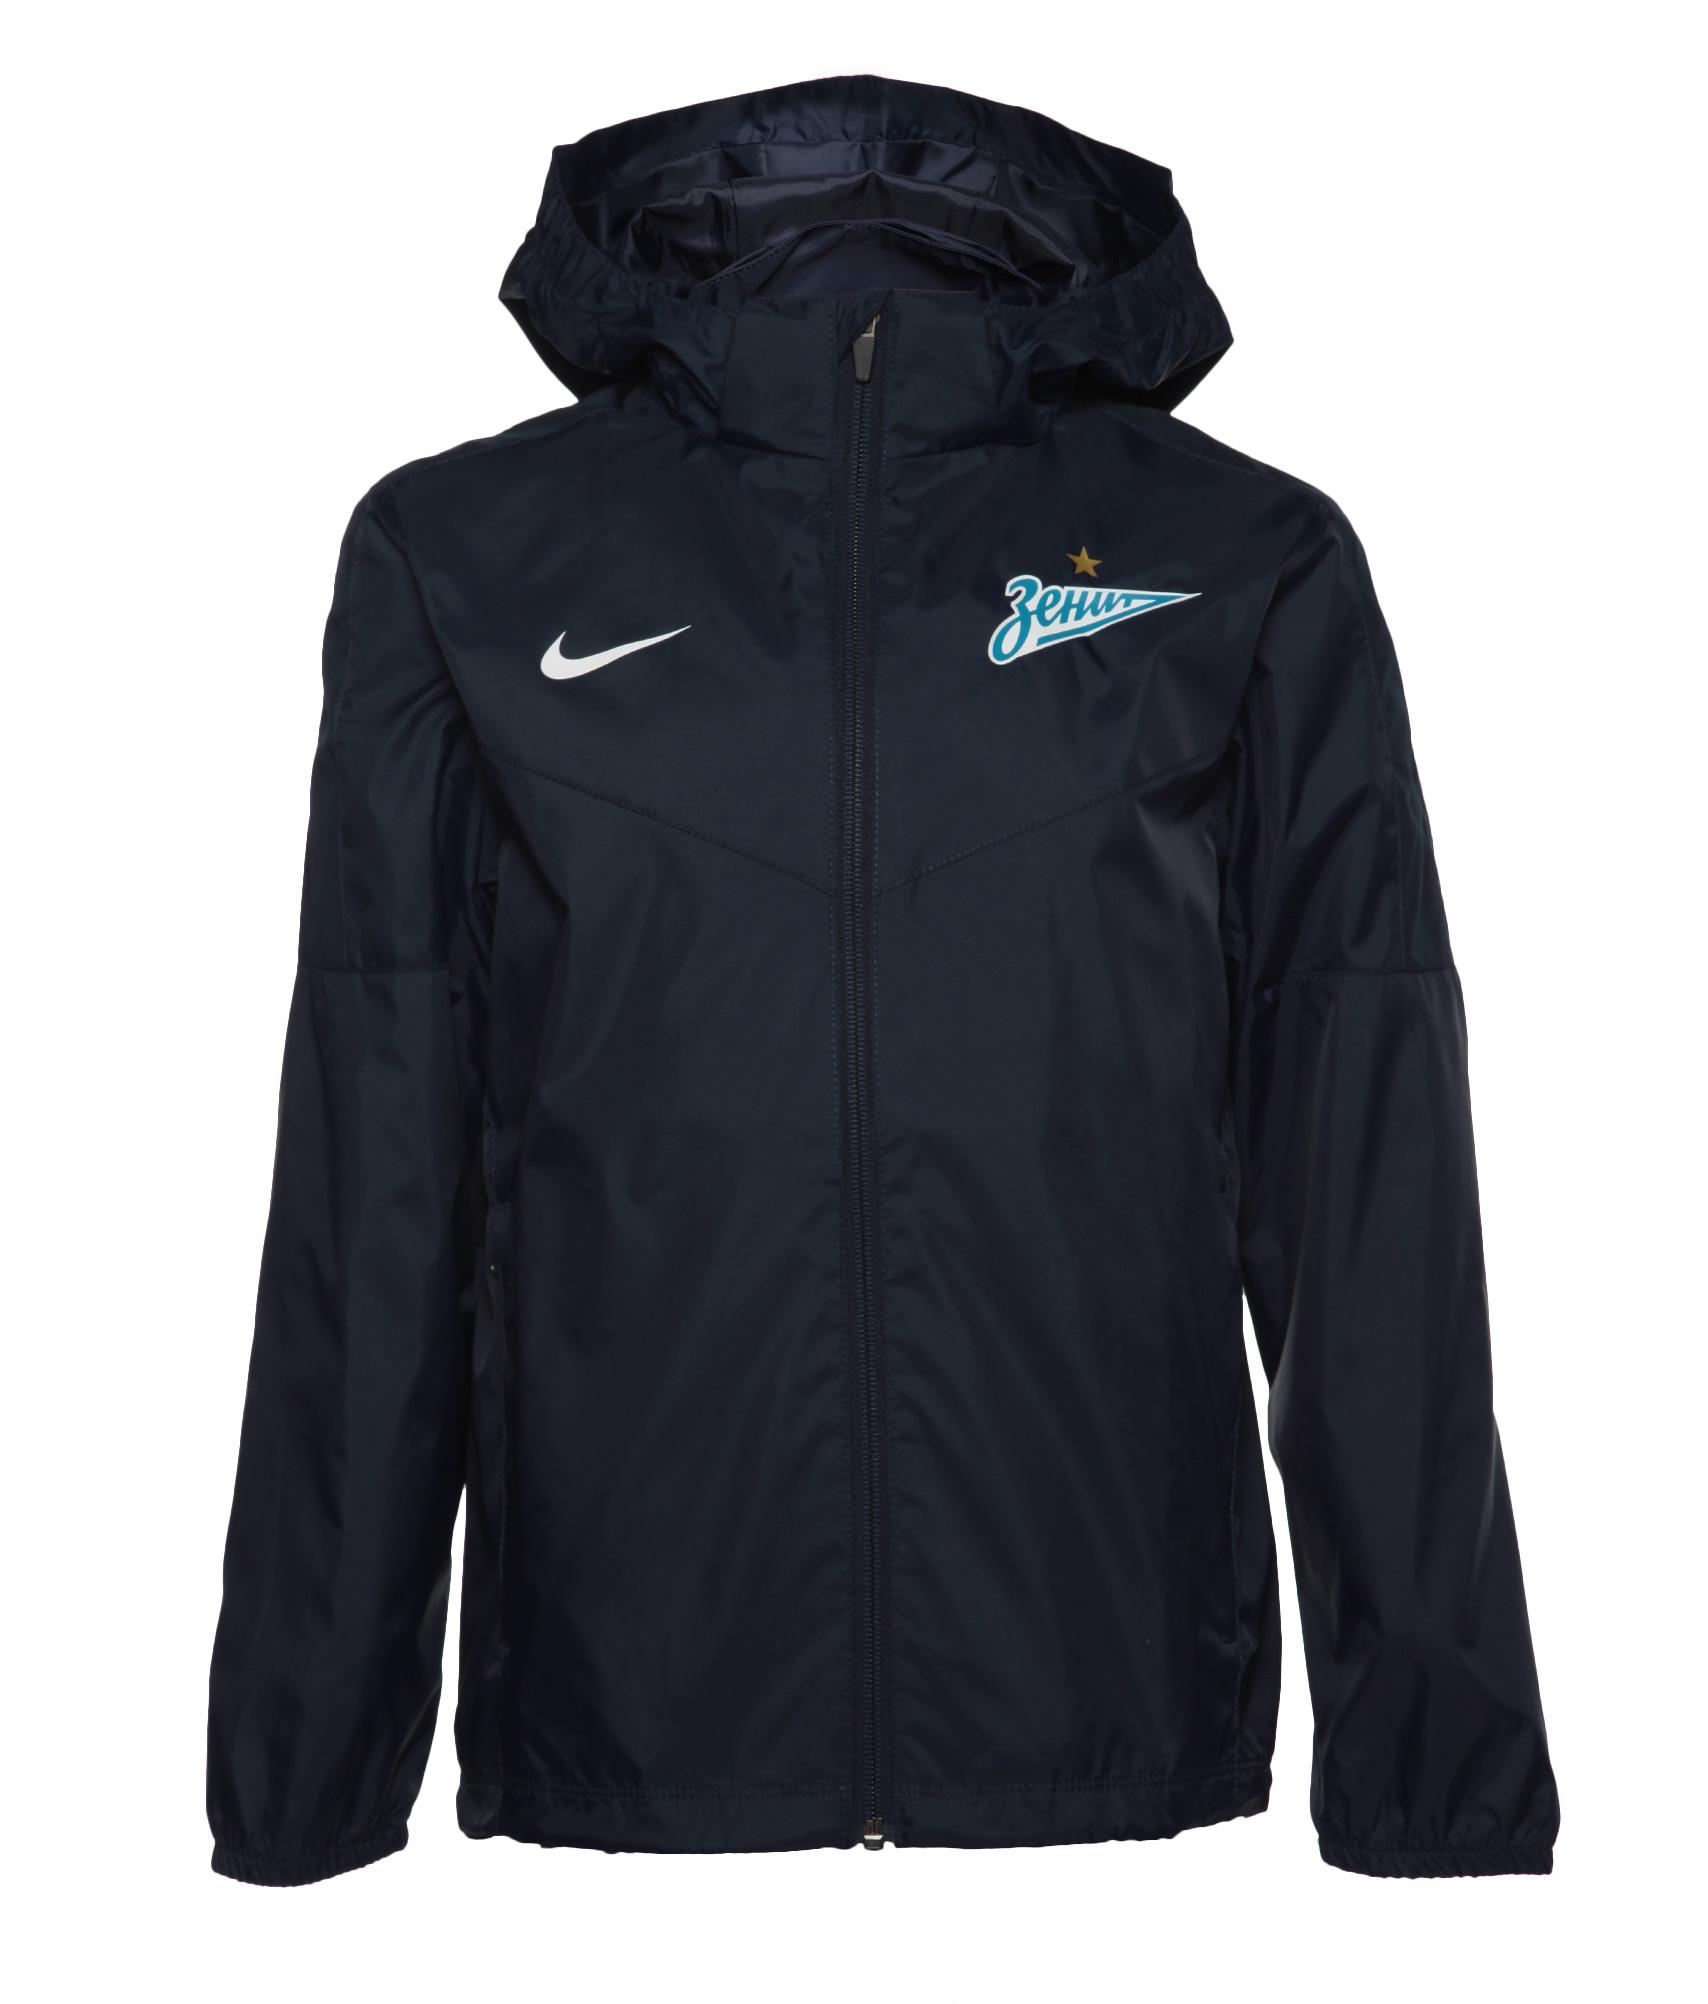 Ветровка подростковая Nike, Цвет-Синий, Размер-M найк борзов найк борзов избранное ii